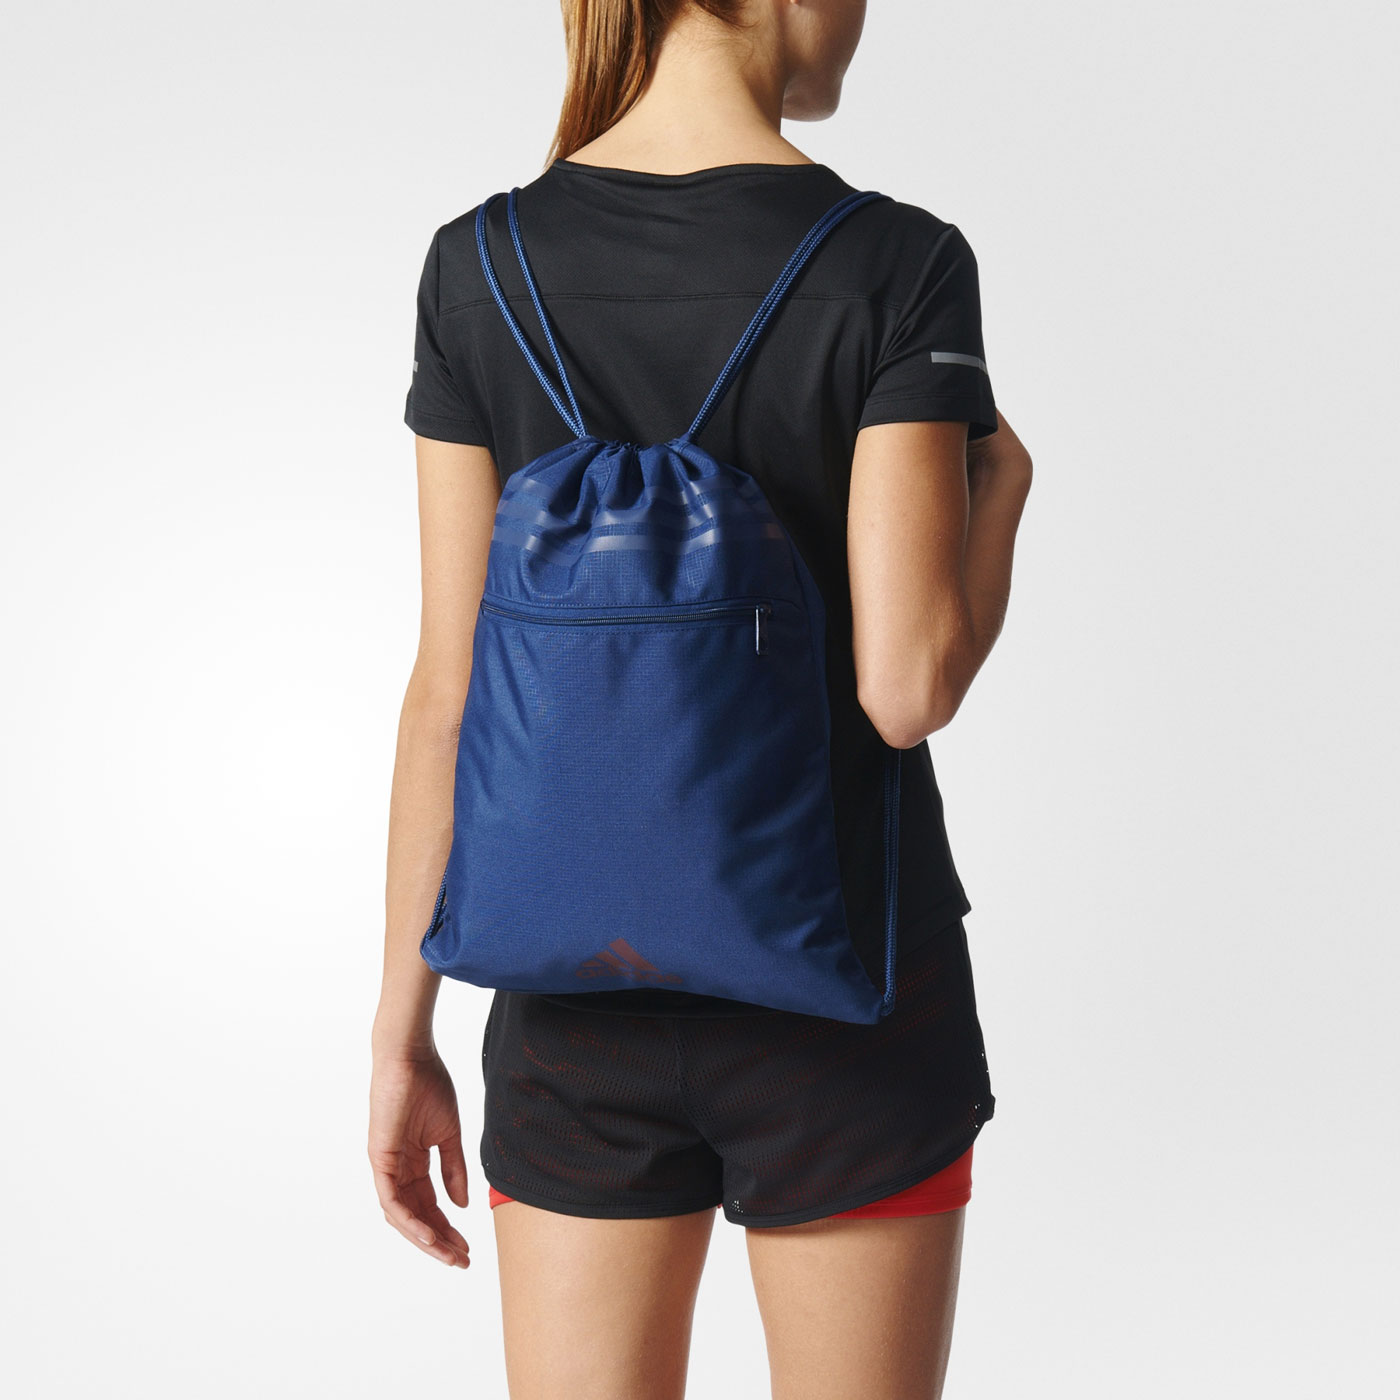 0fd032e4d64 online retailer 9c911 14564 adidas 3 stripes gym bag - dilekacademy.com